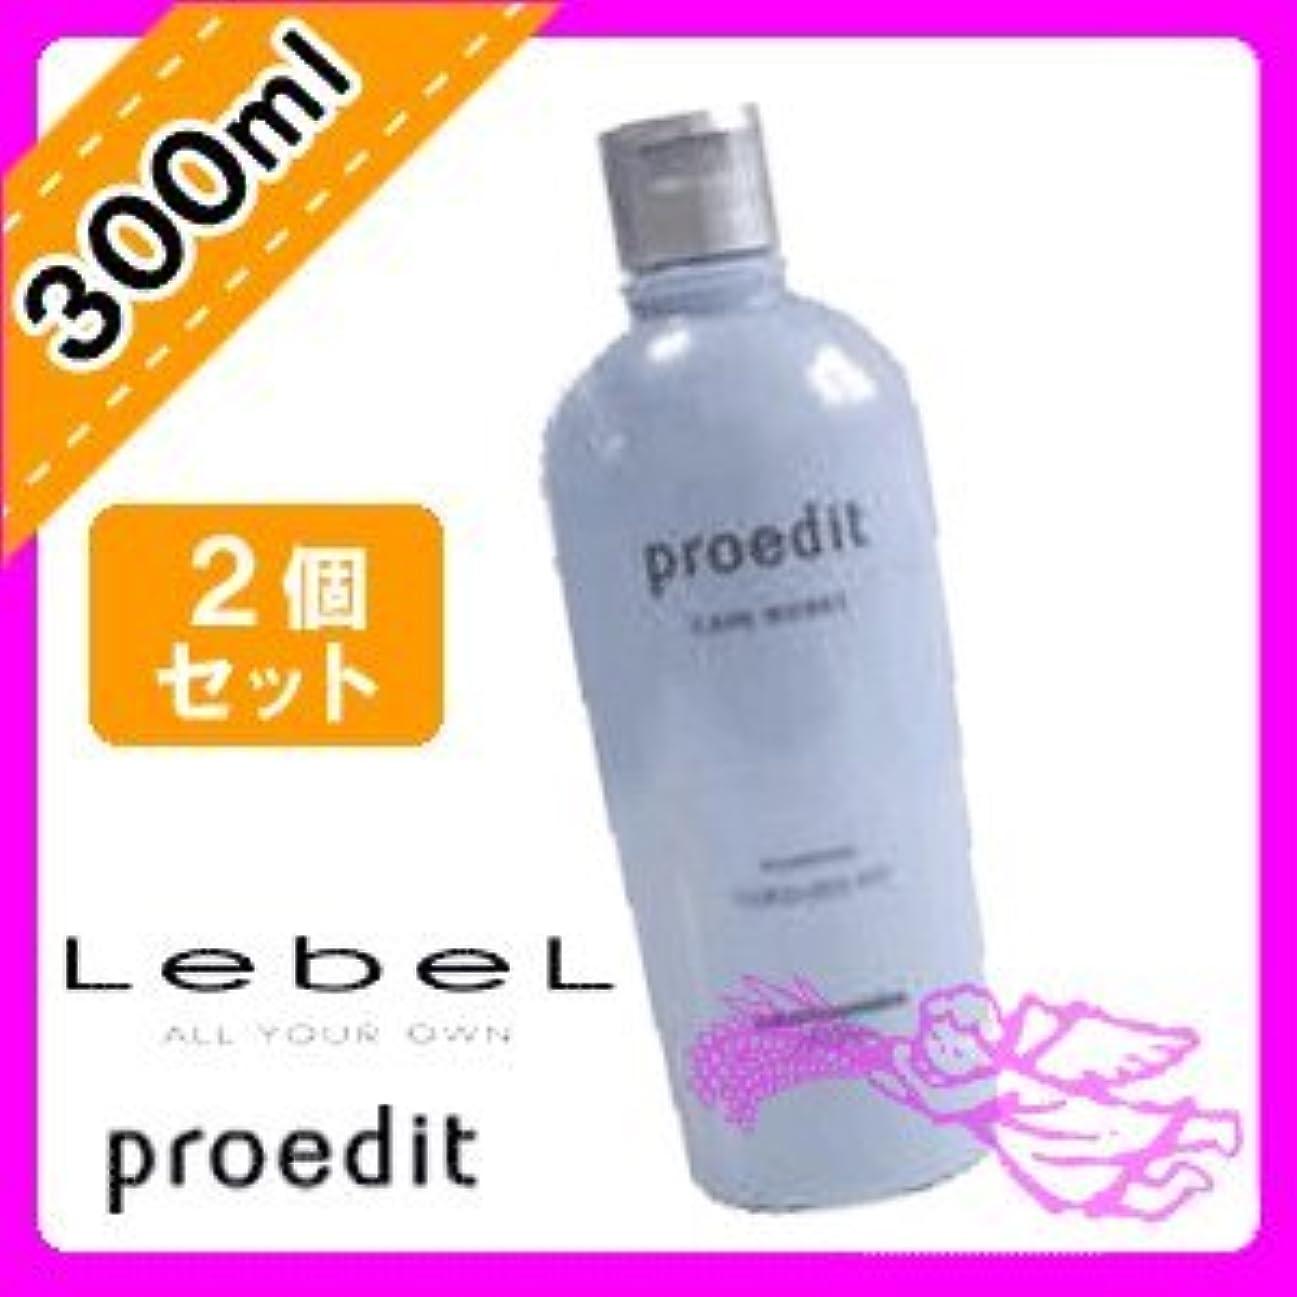 捧げる早める木曜日ルベル プロエディット シャンプー スルーフィット 300ml ×2個 セット しなやかでやわらかな洗い上がり LebeL proedit